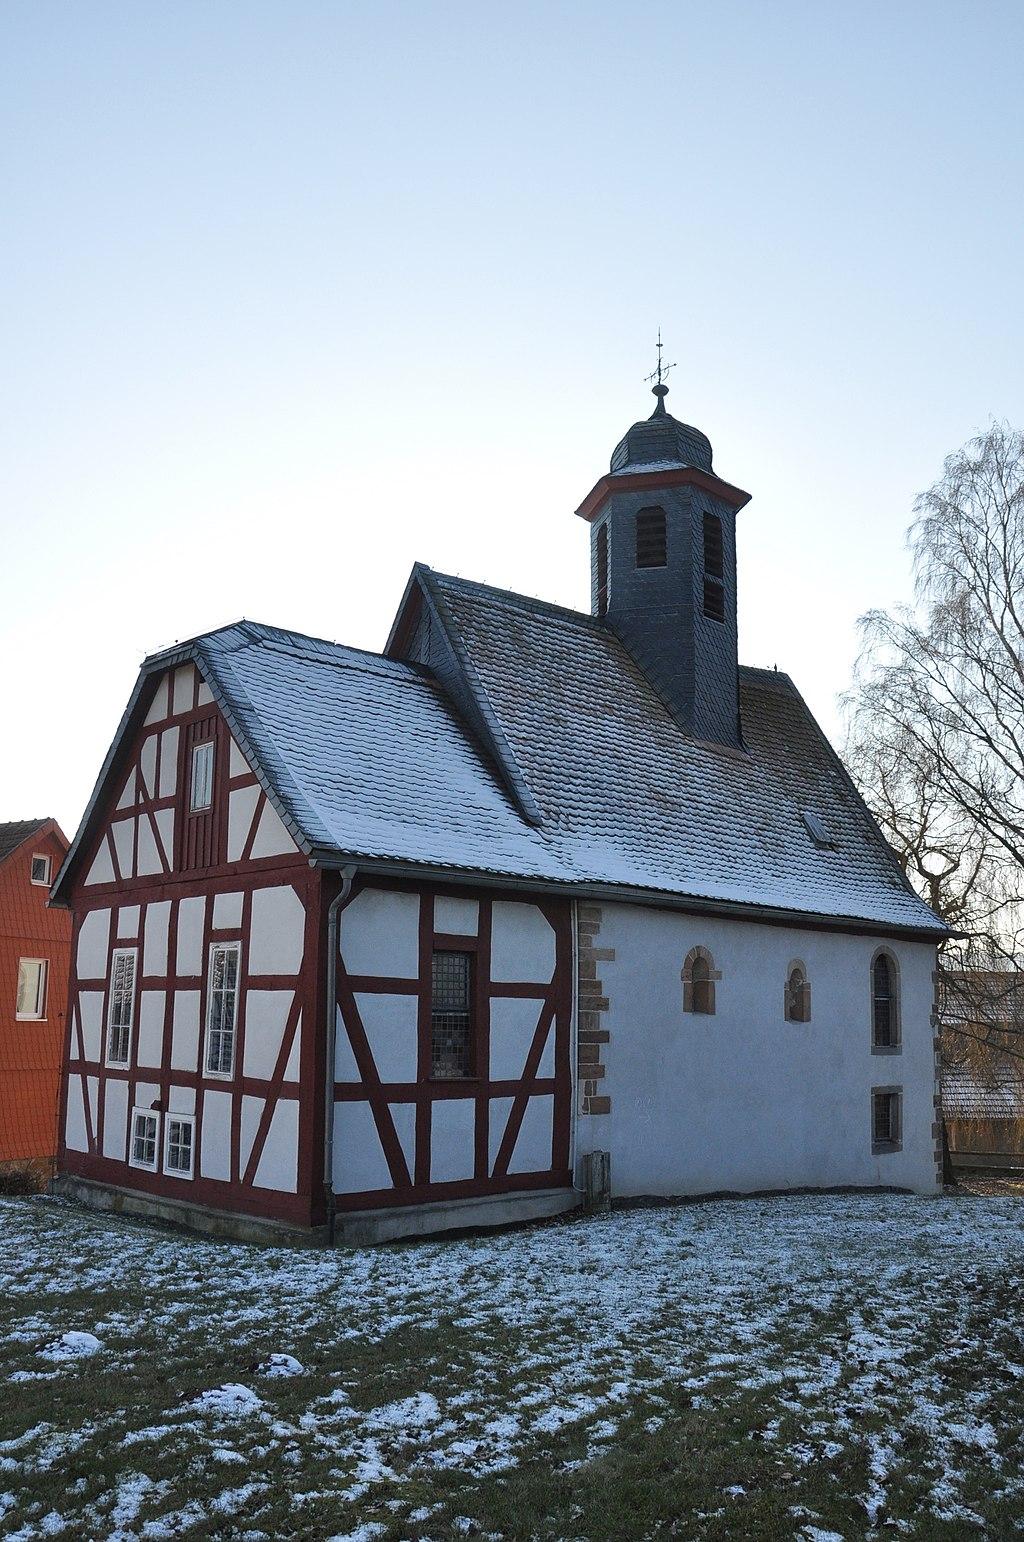 Die Evangelische Kirche in Alsfeld-Elbenrod im Vogelberg: geheimnisvoll verwinkelt. Foto von F. Baumgarten.